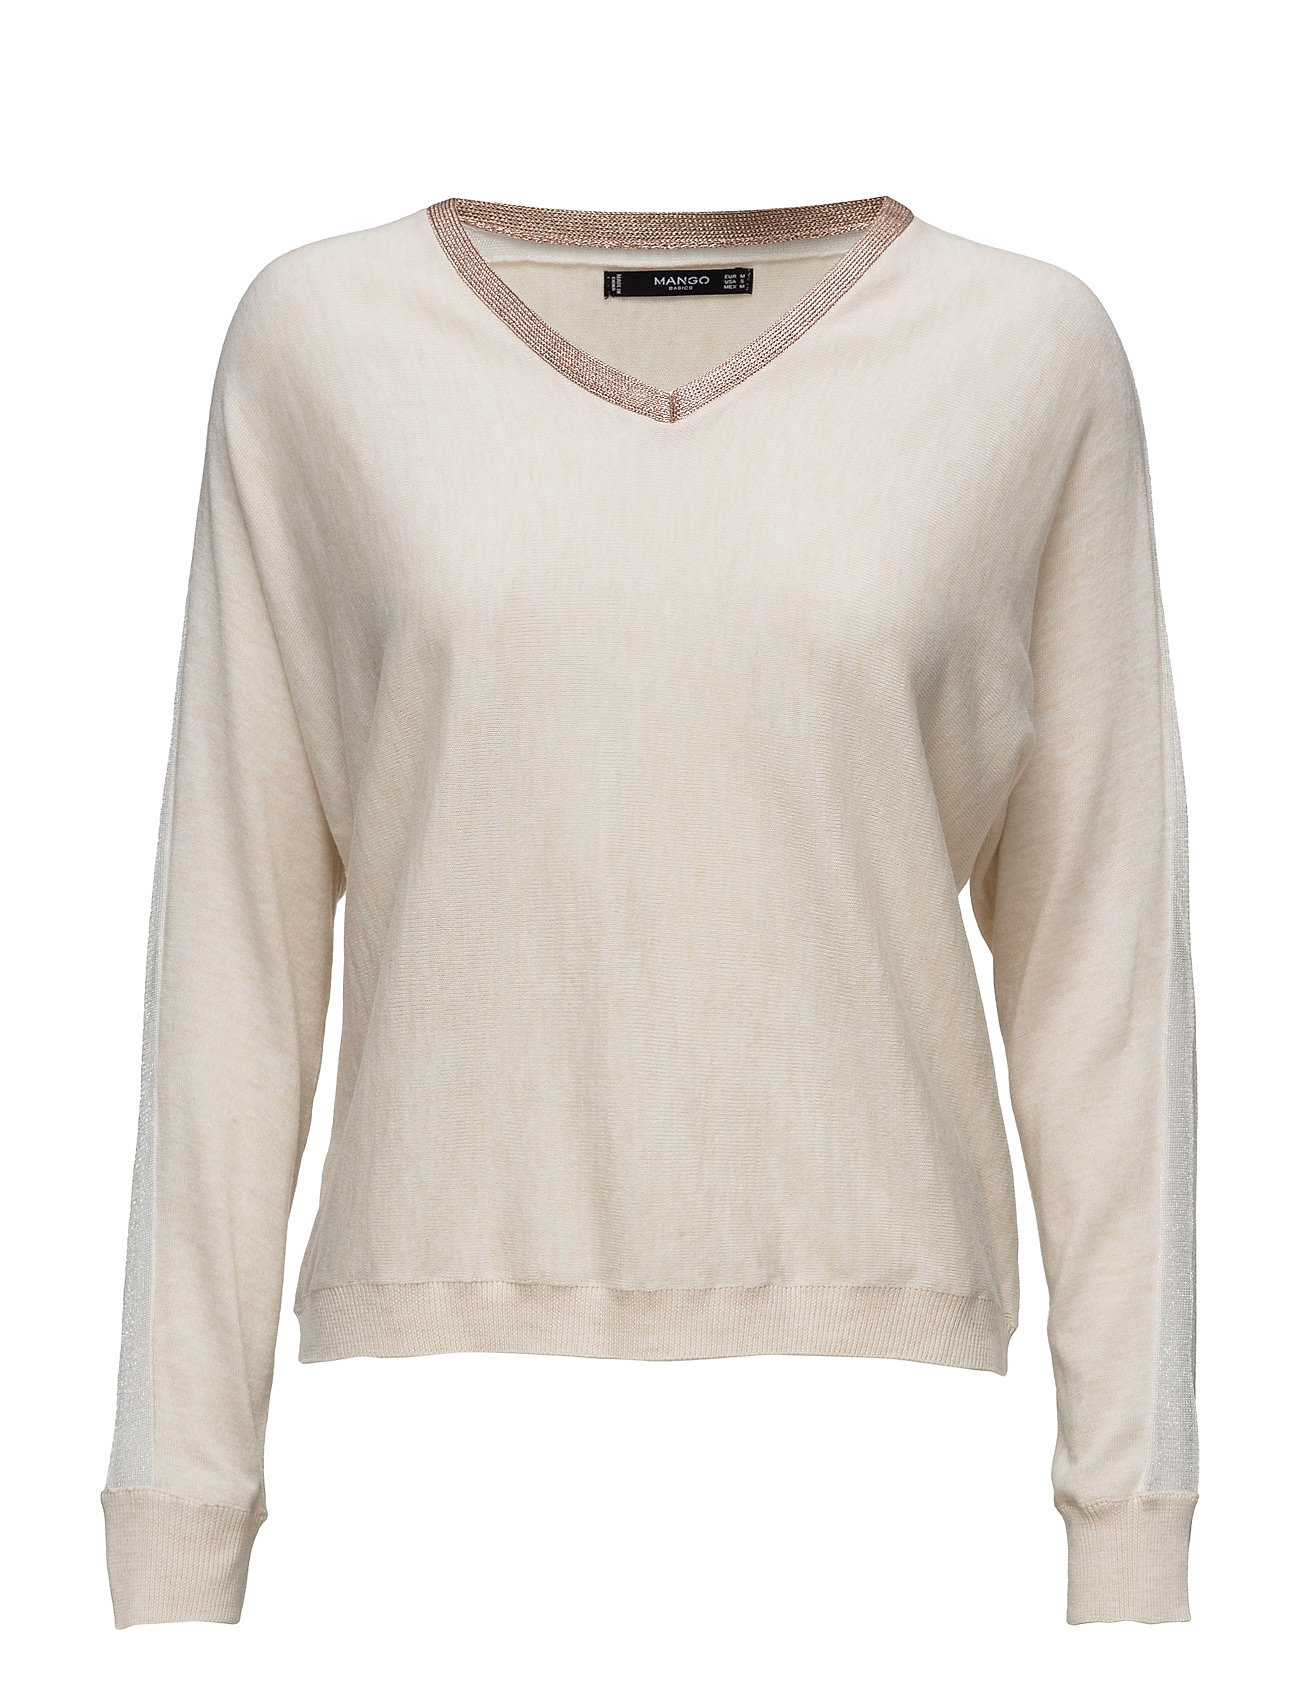 Ribbed Metallic Sweater Mango Striktøj til Kvinder i Light Beige